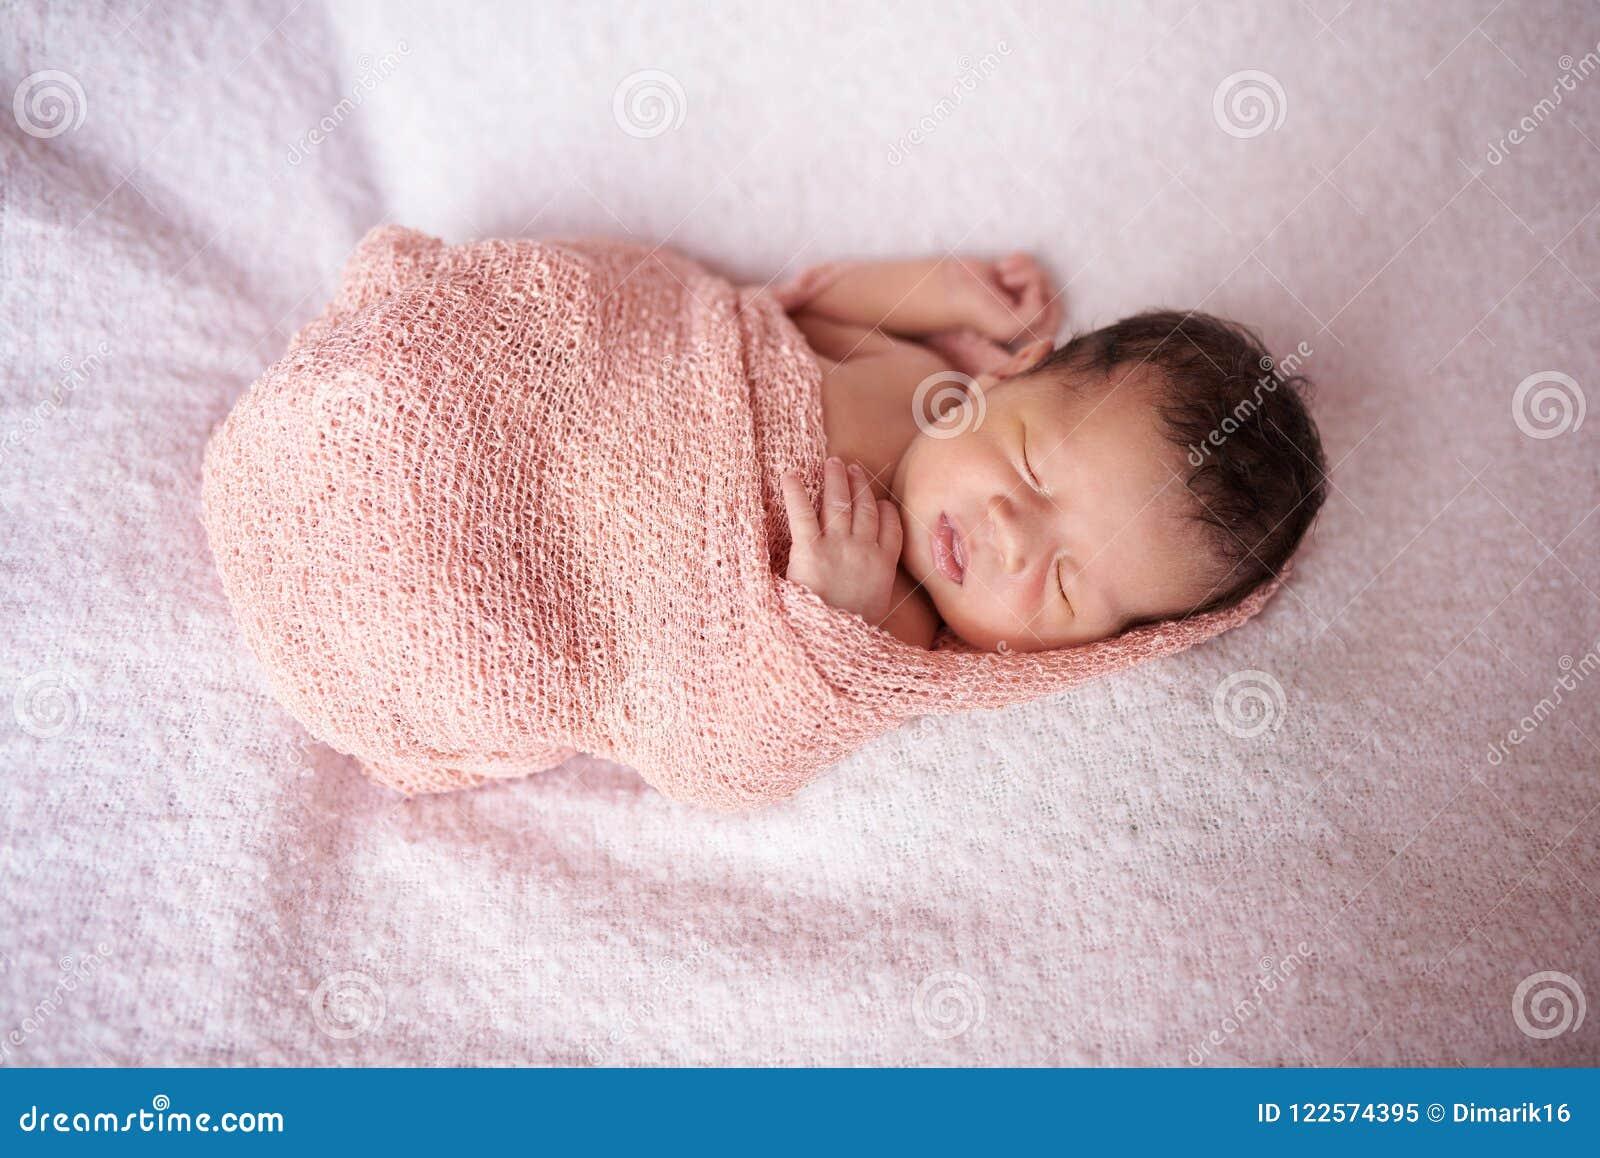 d14d86744a6aa8 Sueño Recién Nacido En Abrigo Del Paño Imagen de archivo - Imagen de ...